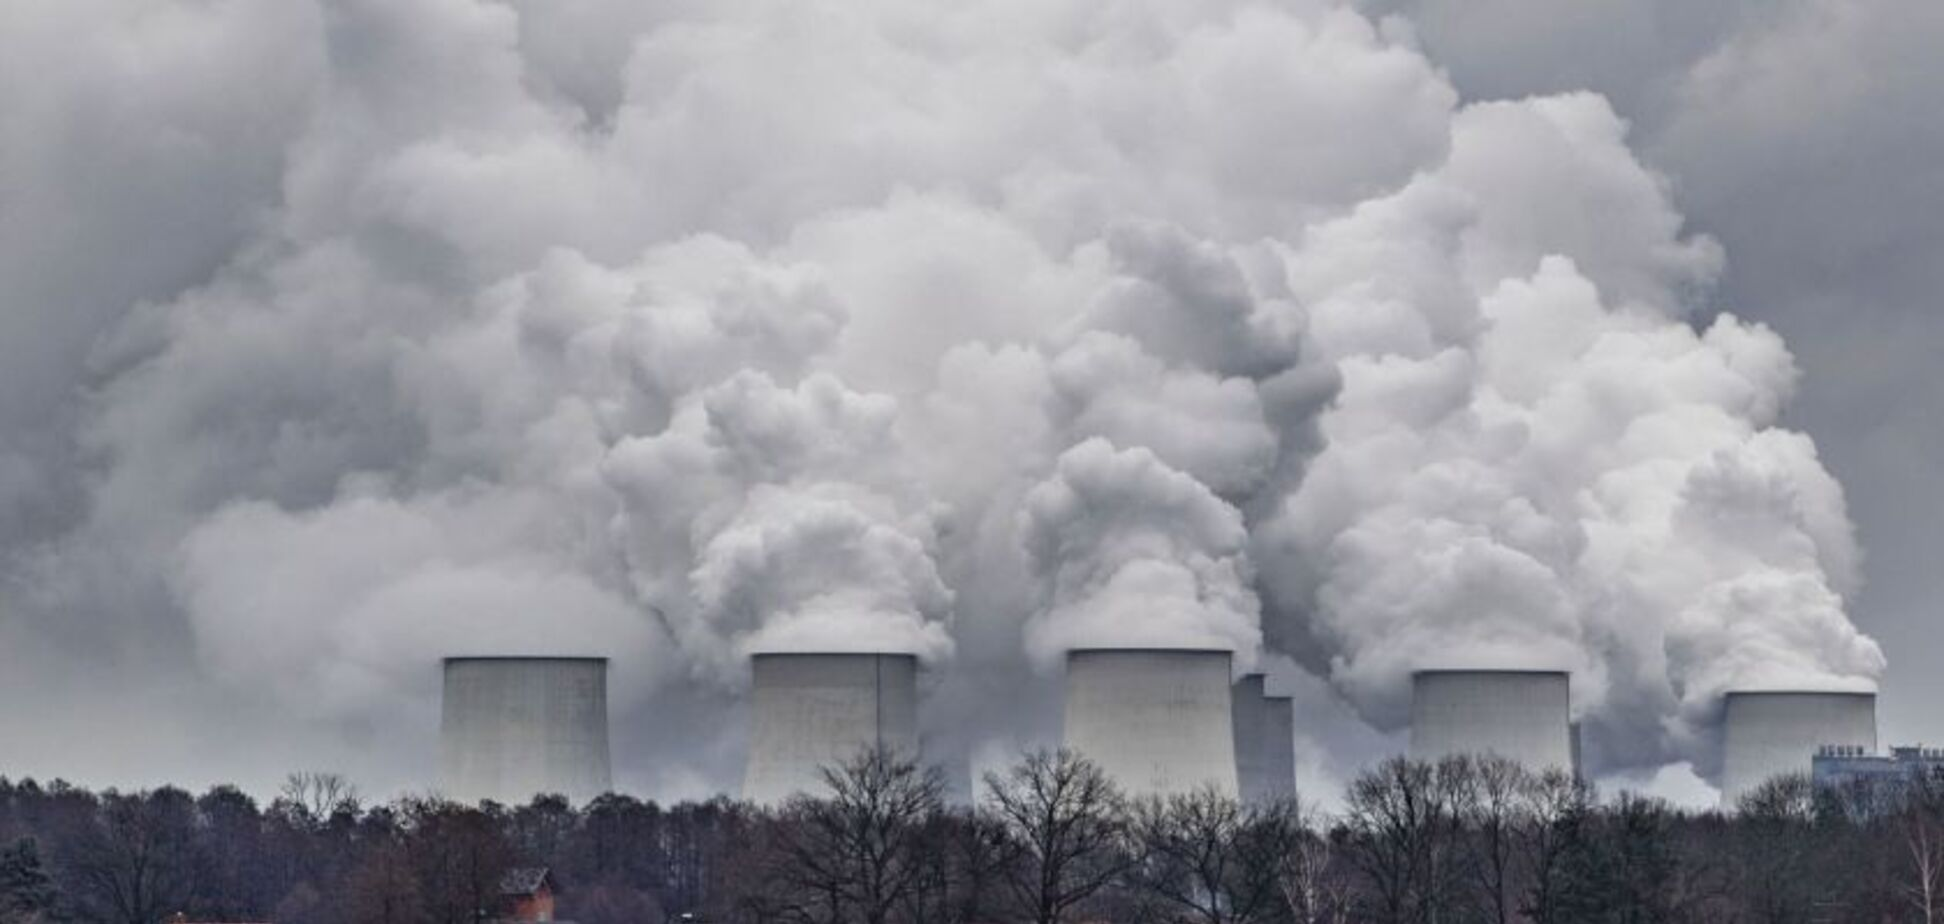 Отказ от ископаемых: Европа резко сократила потребление 'грязной' энергии